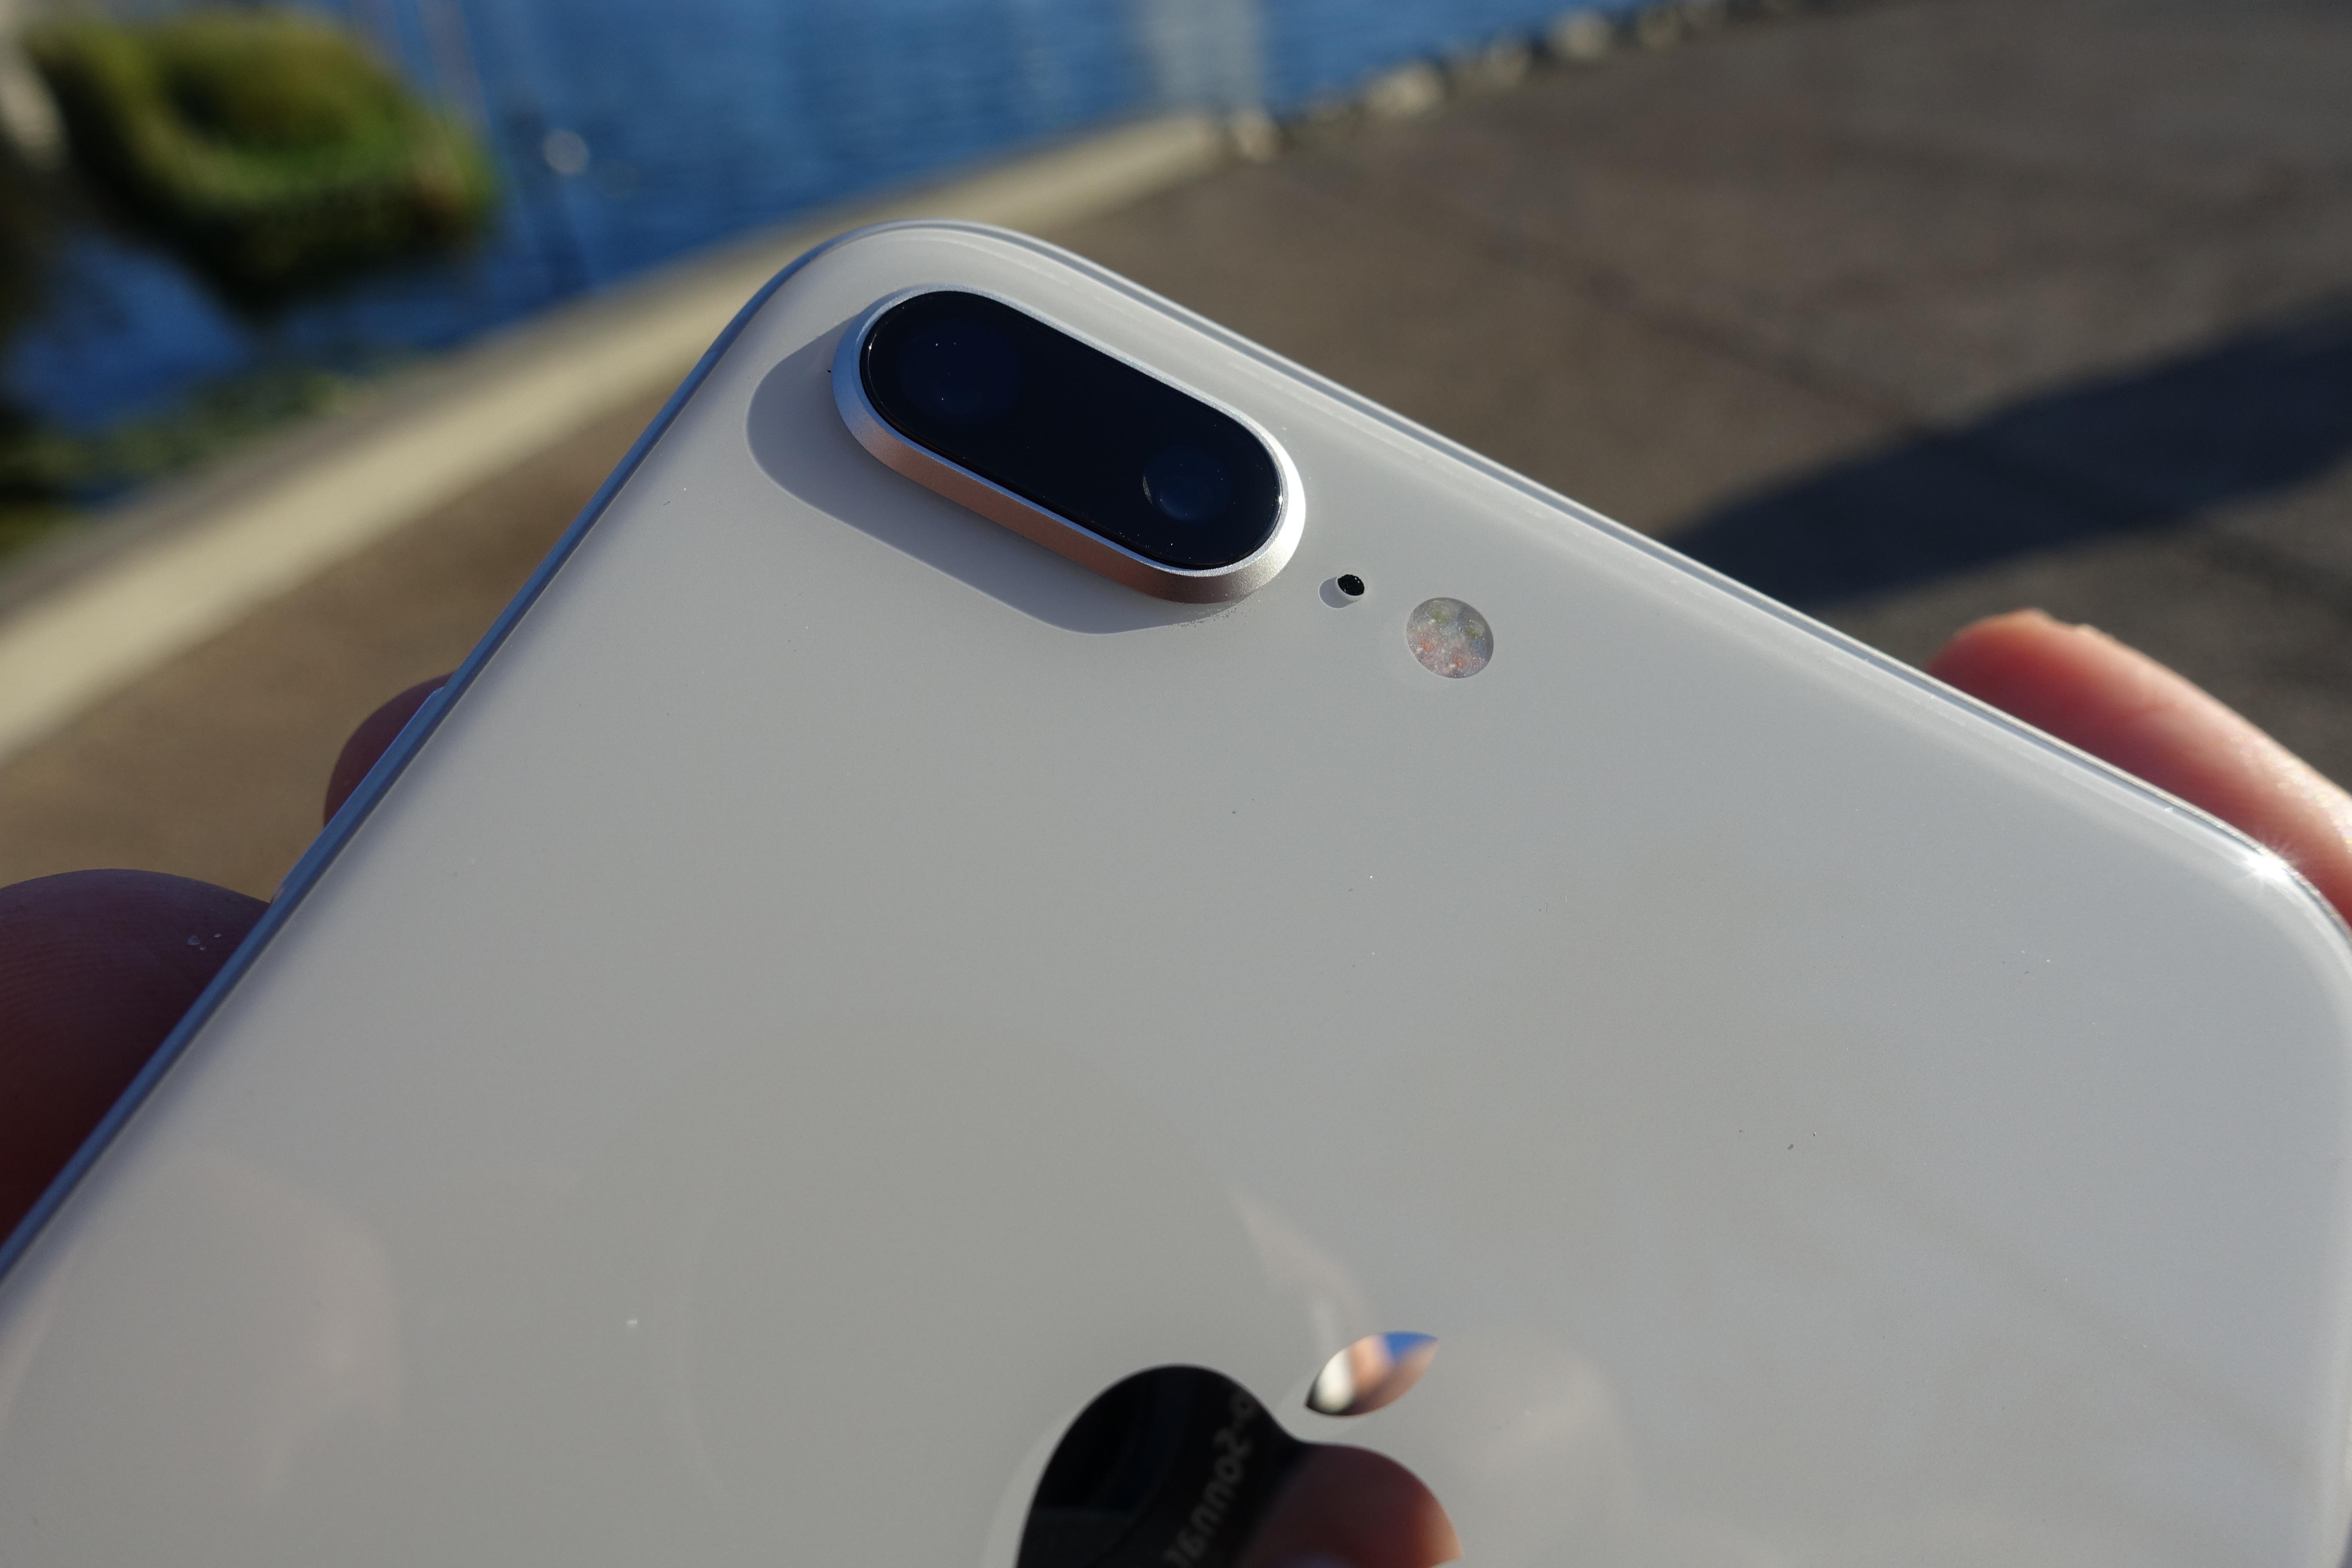 iPhone 8-kameraet har, takket være iOS 11, forskjellige lys-modus man kan velge mellom i portrett-modus.